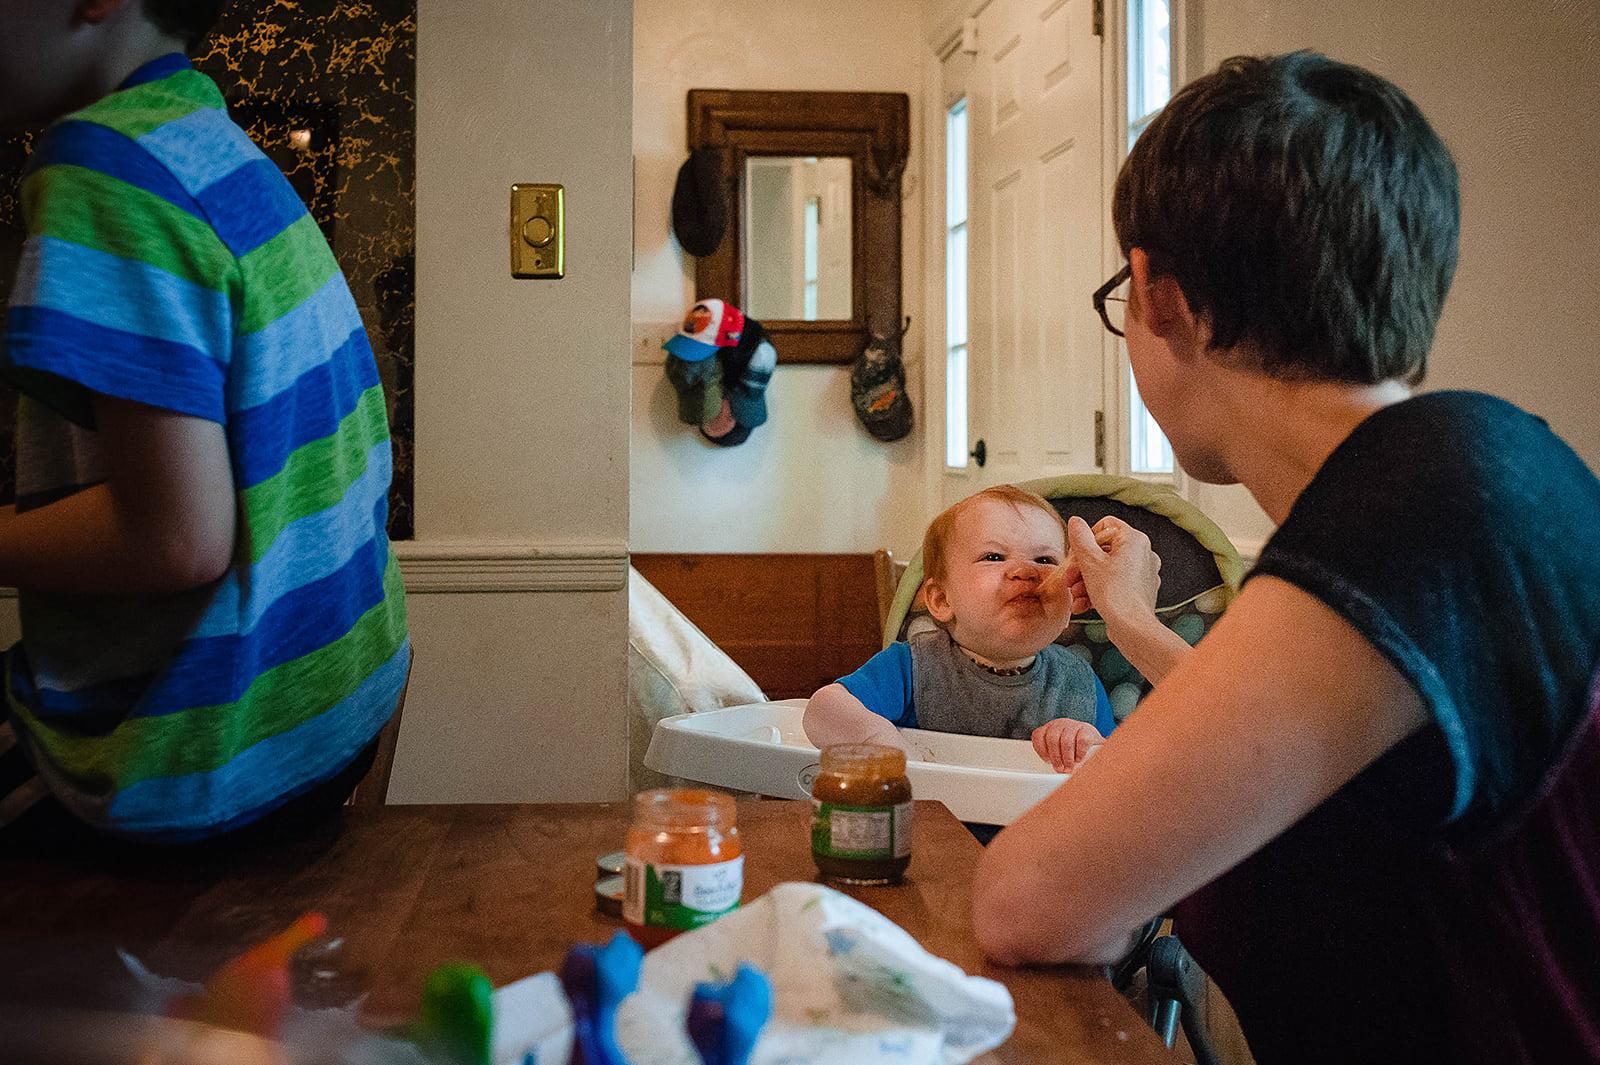 mom feeding son baby food